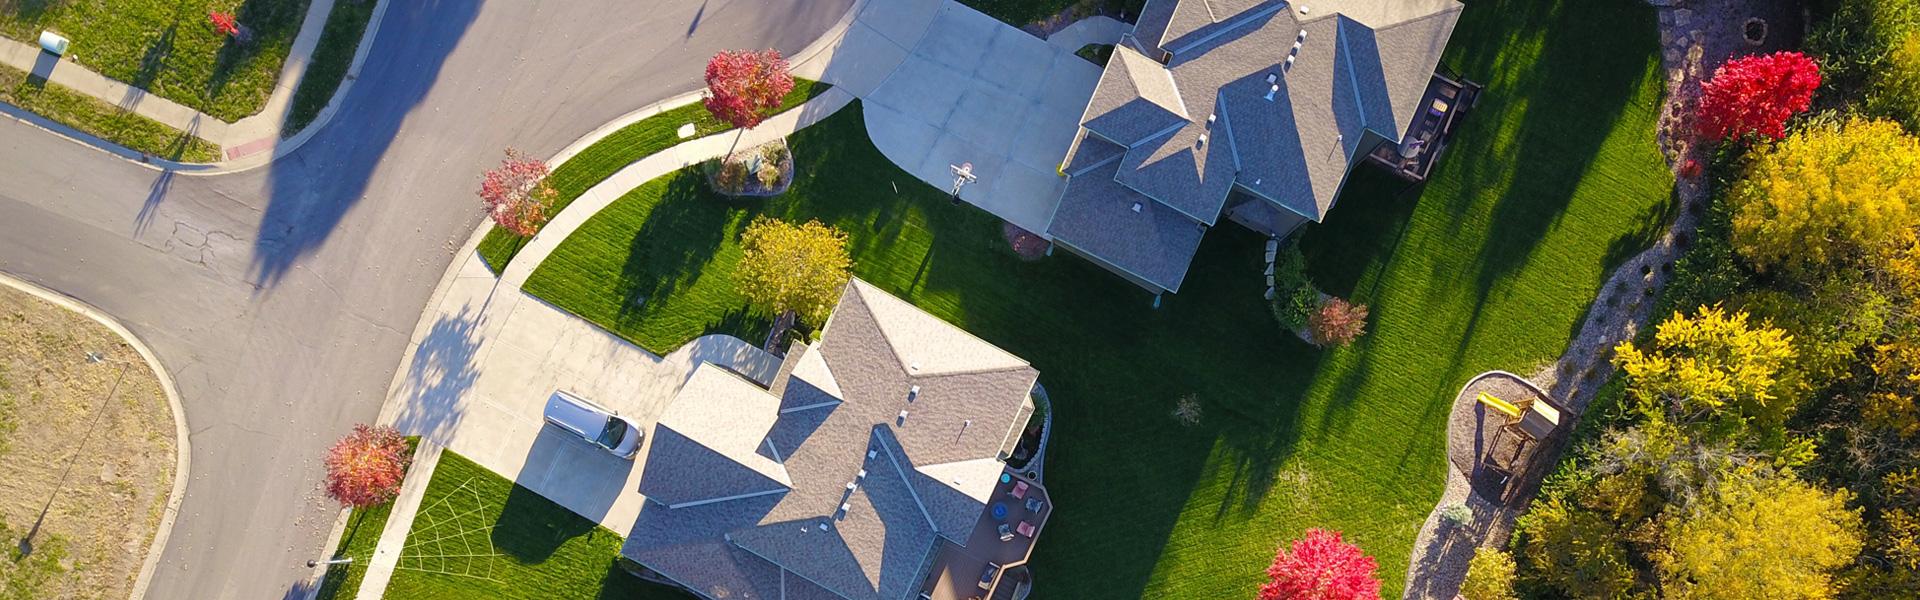 aerial_neighborhood2